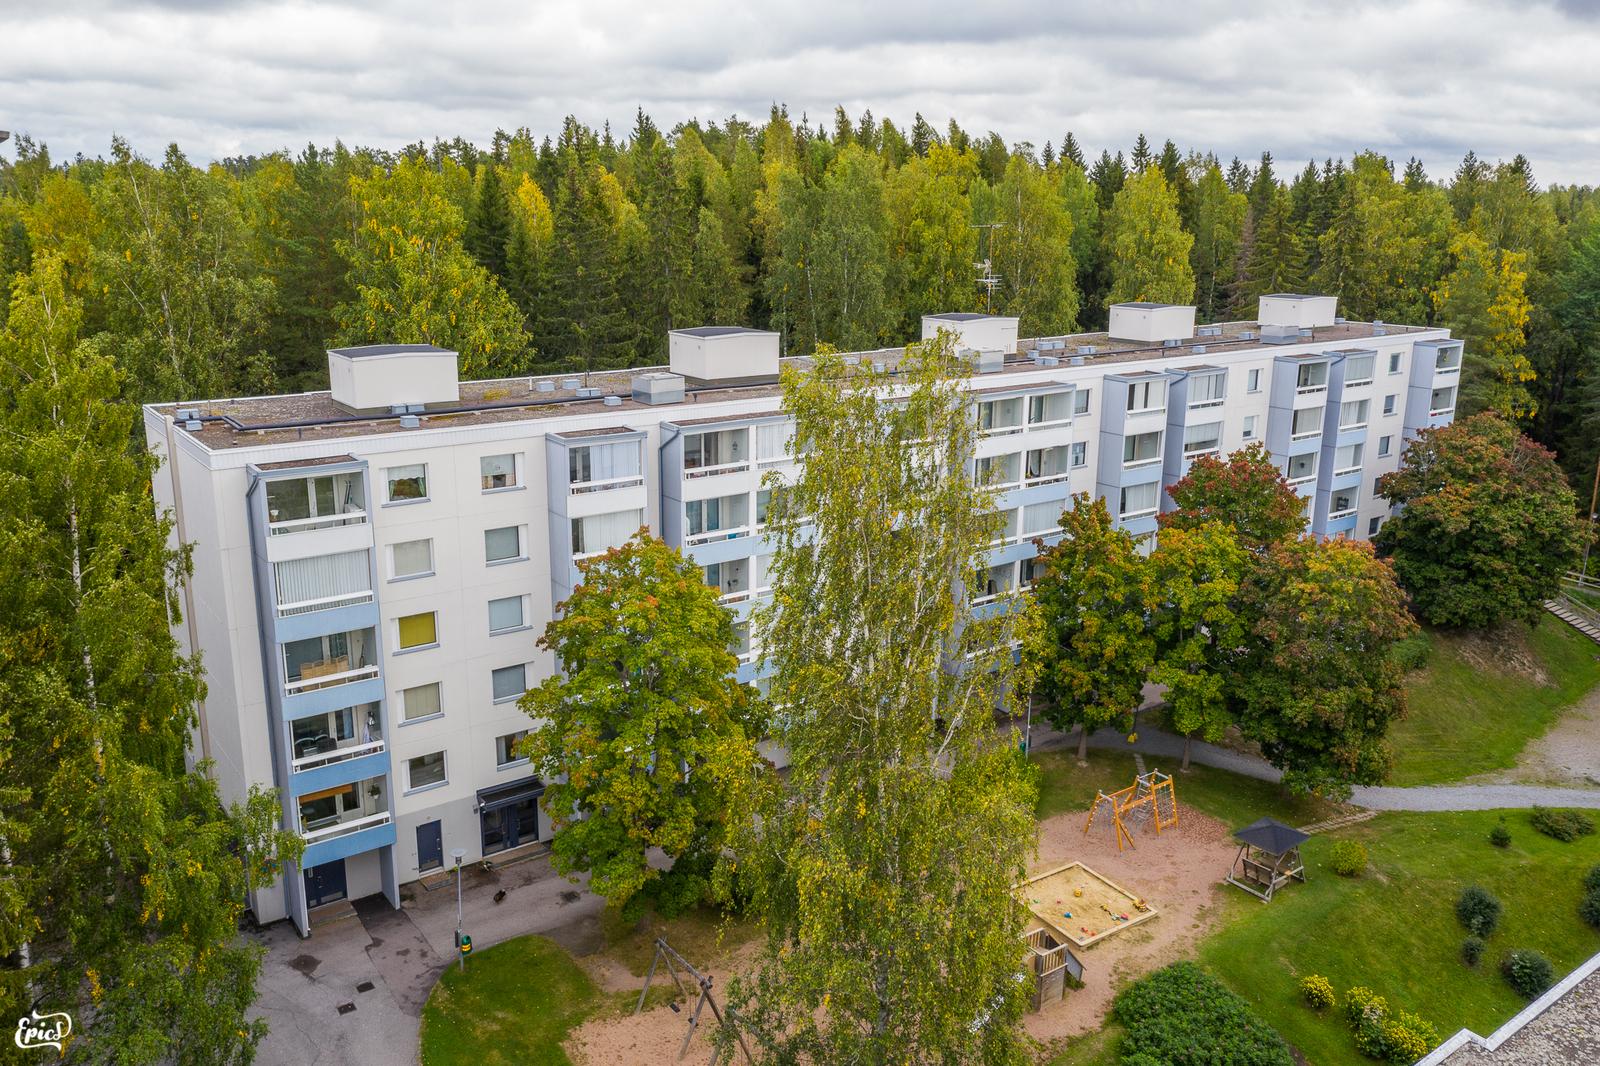 Multisilta, Tampere